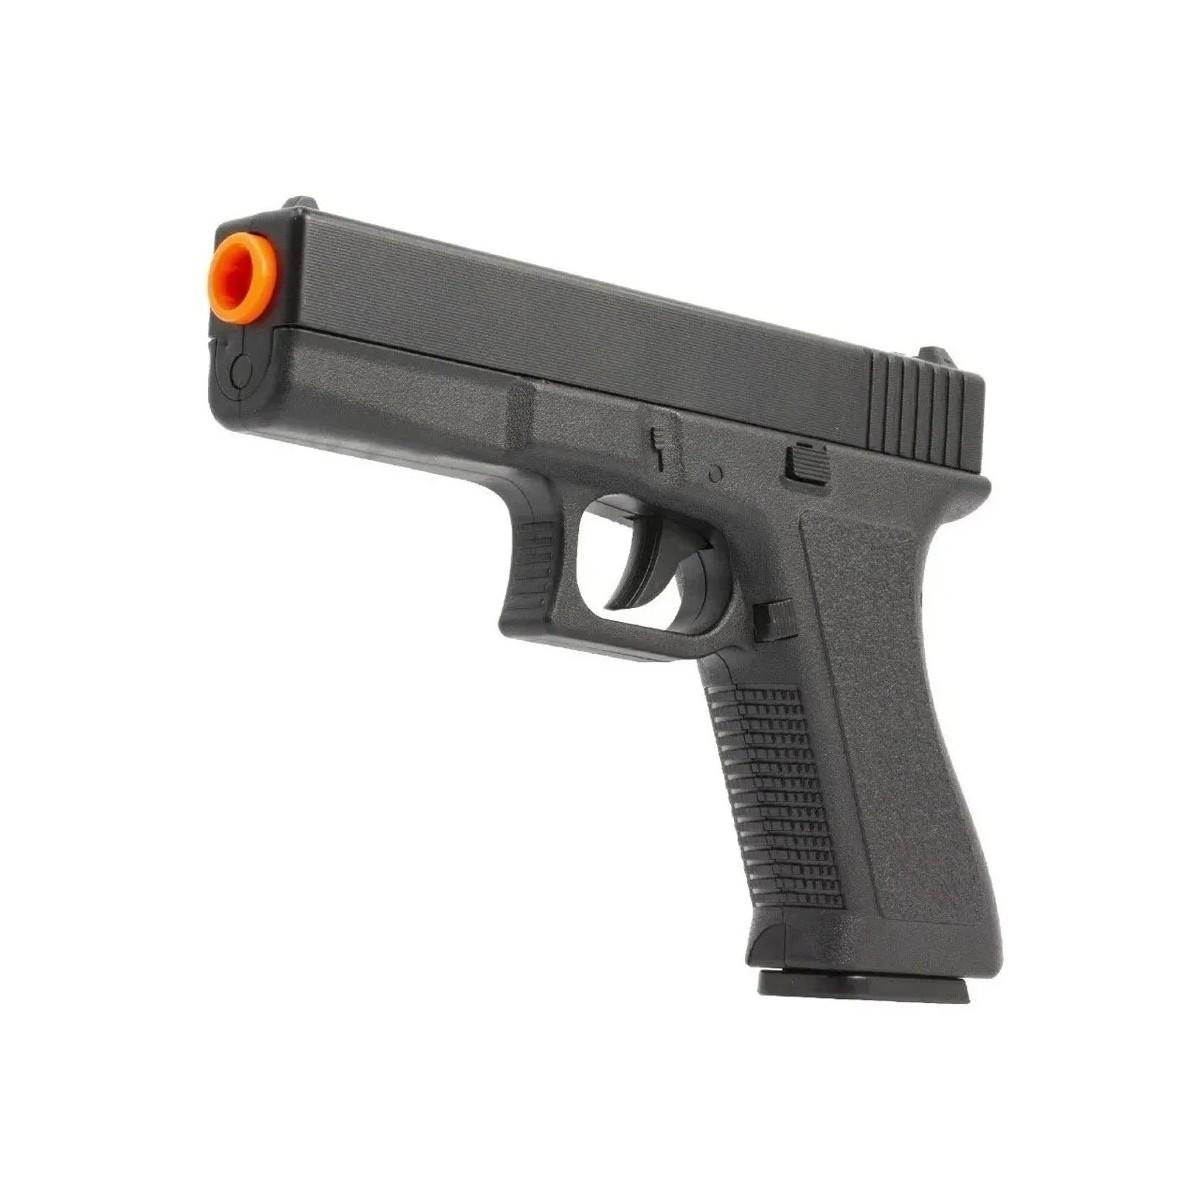 Airsoft Kit Pistola E Rifle M4a1 E Glock V307 Mola 6mm Kit 5